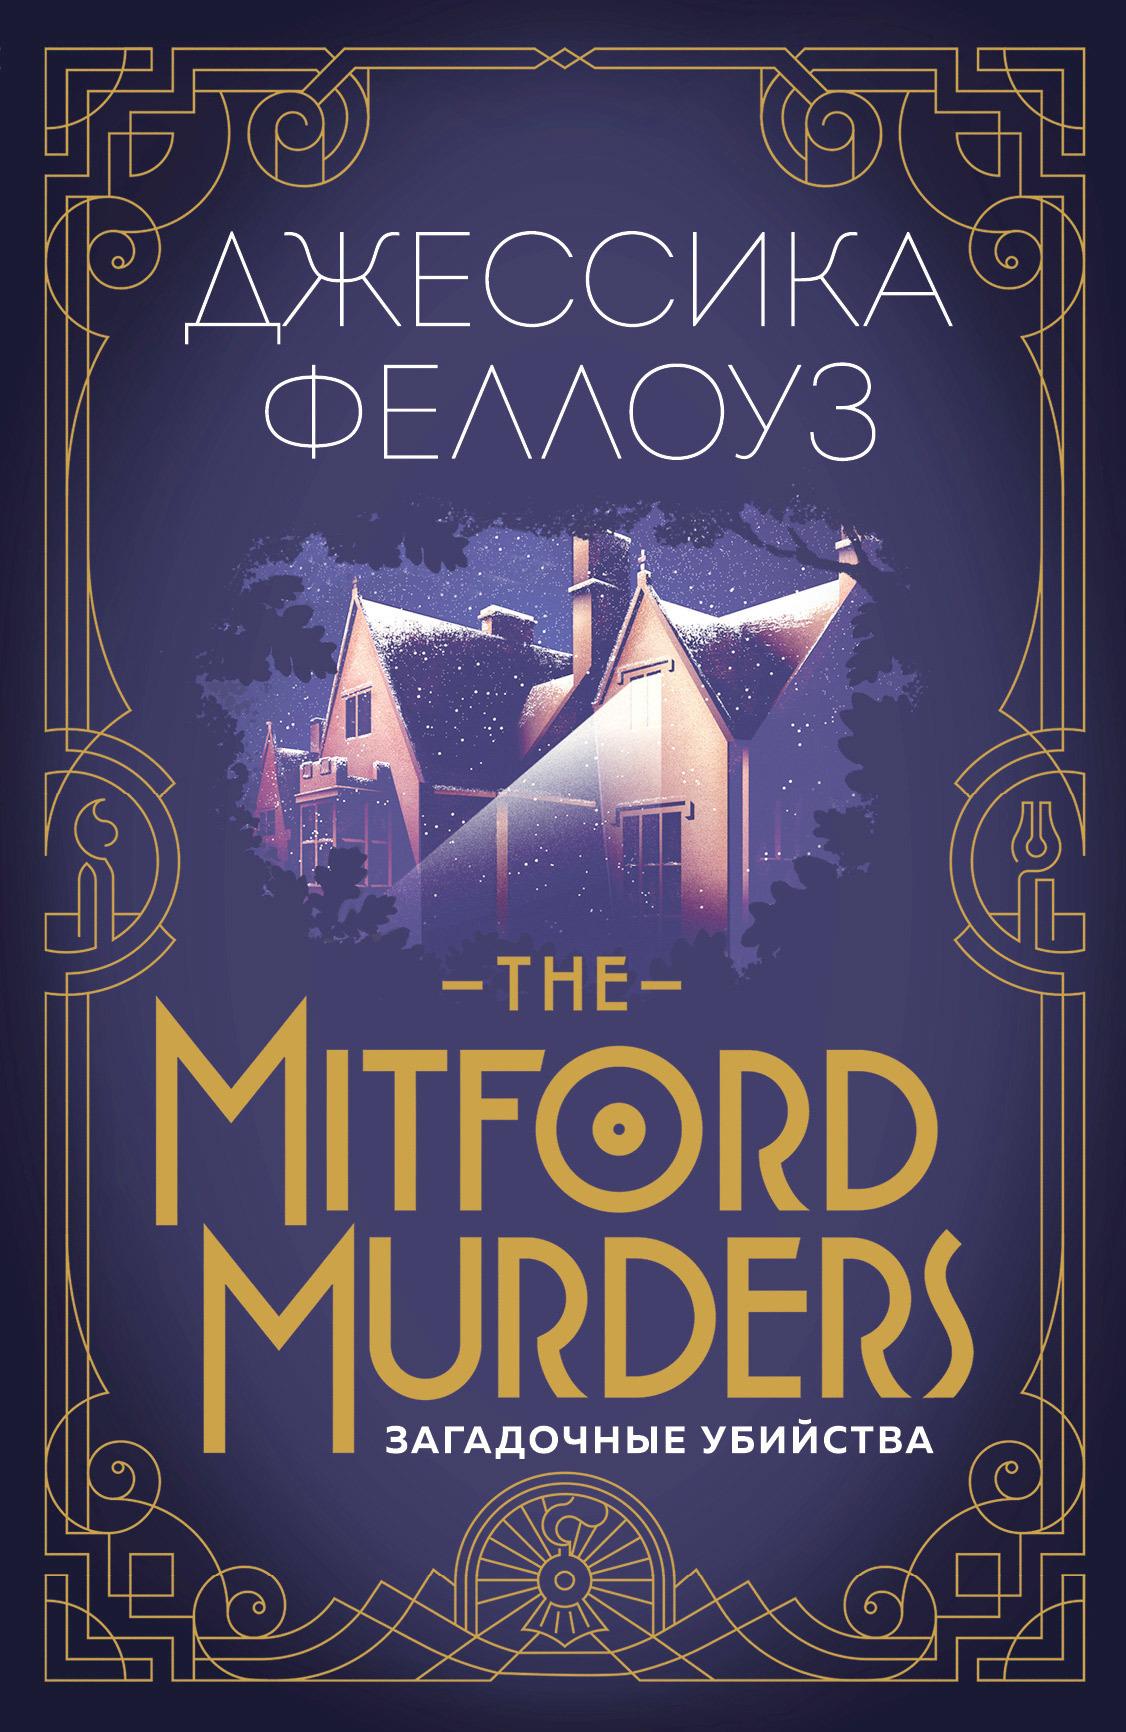 Книга The Mitford murders. Загадочные убийства